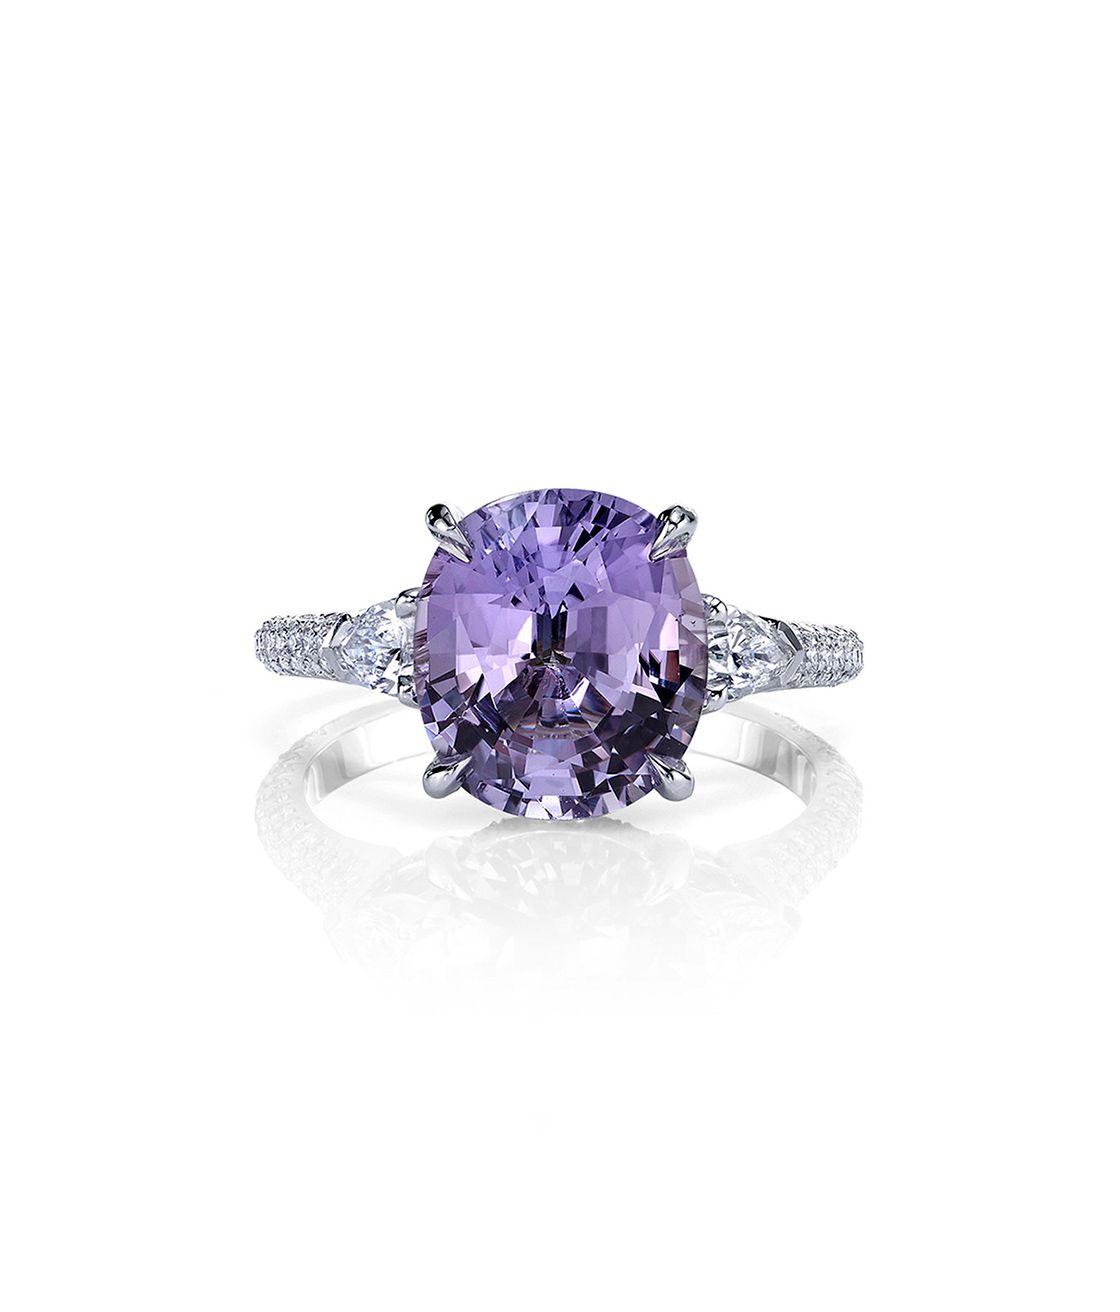 Jean Dousset Farrah Oval Purple Sapphire Engagement Rings